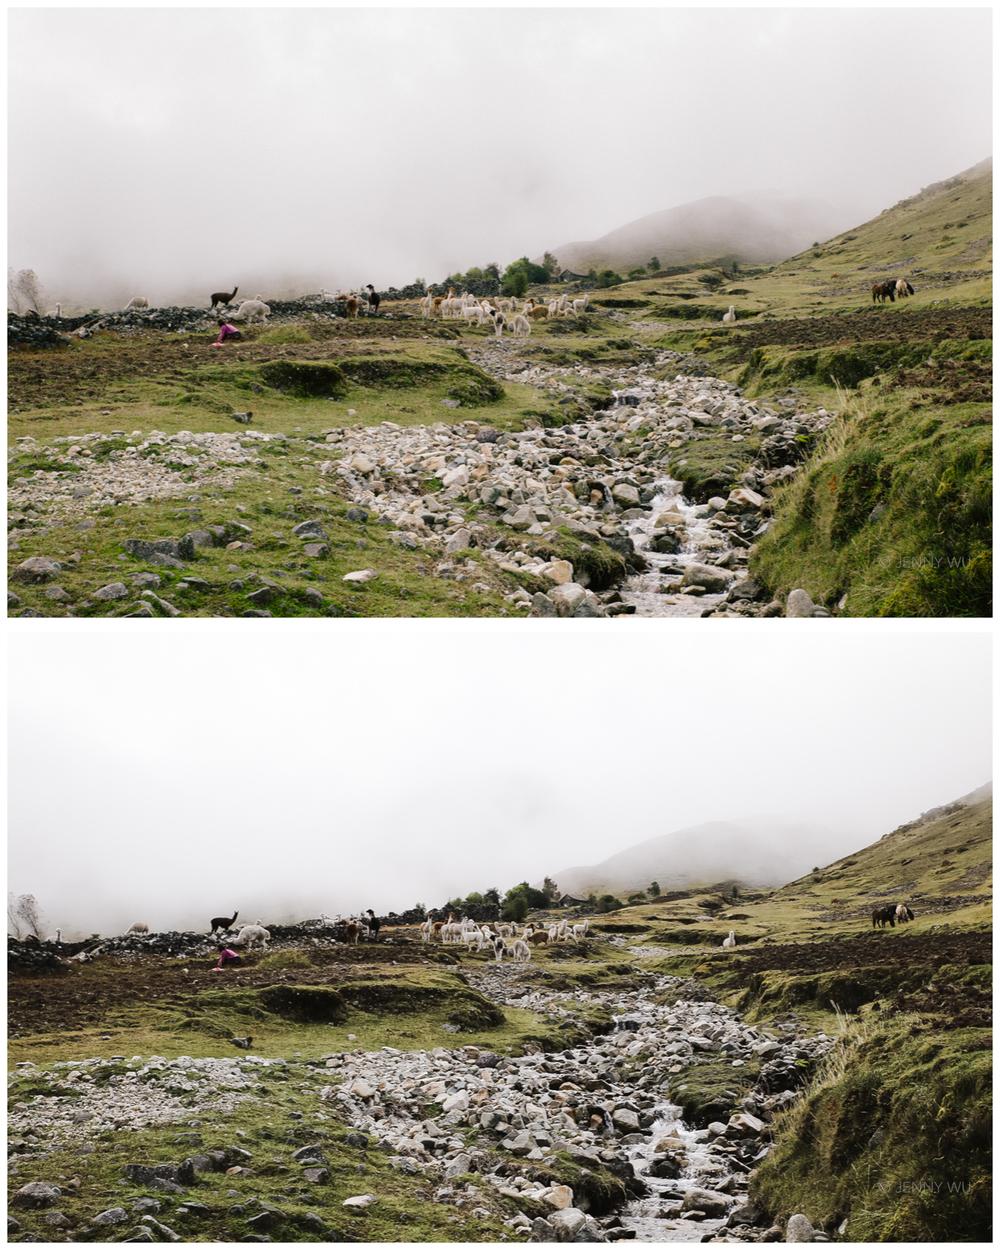 The Andes. unedited jpeg (top), Lightroom SE3 edit (bottom)